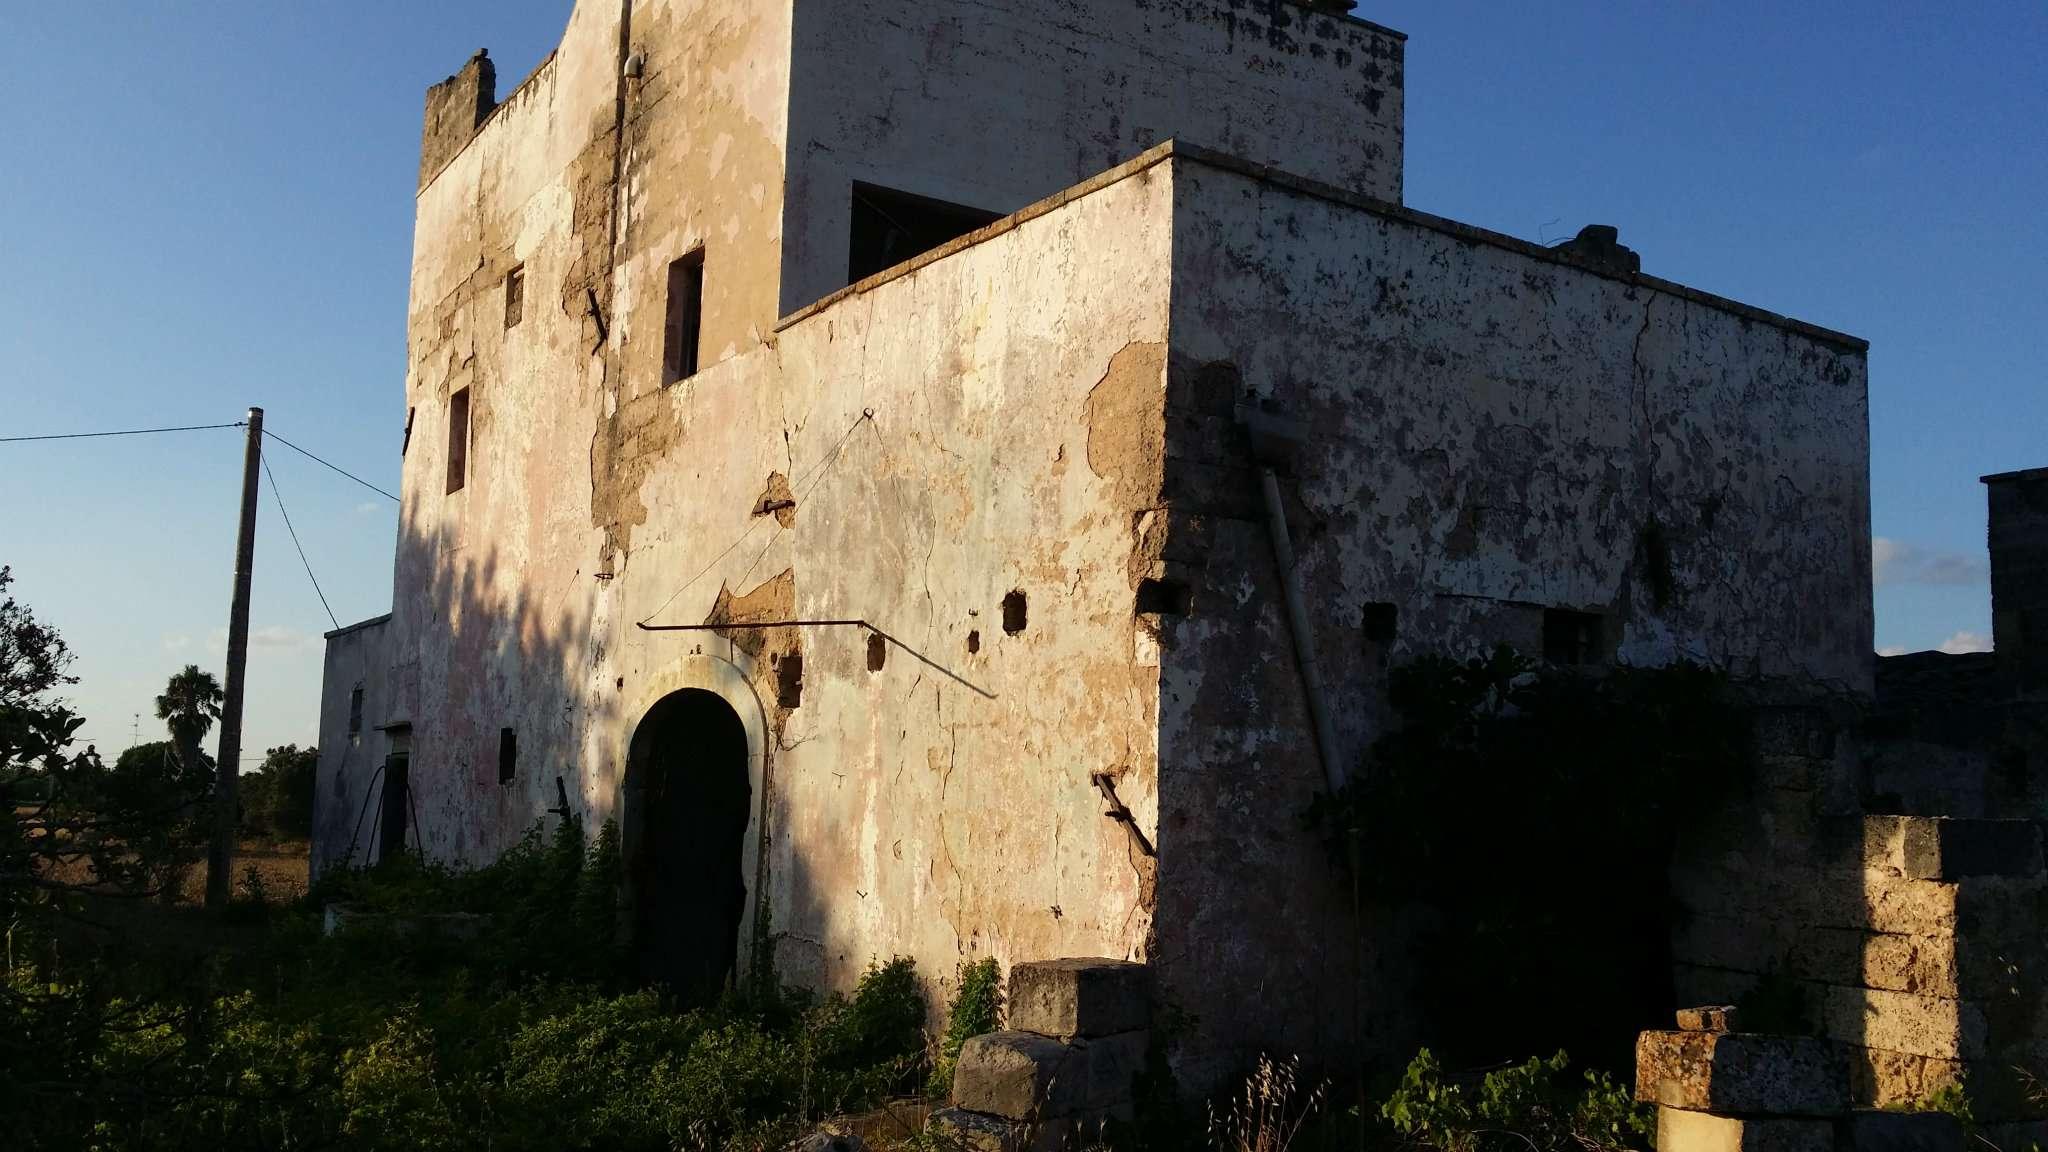 Foto 1 di Casa Colonica contrada Paduli, Cutrofiano